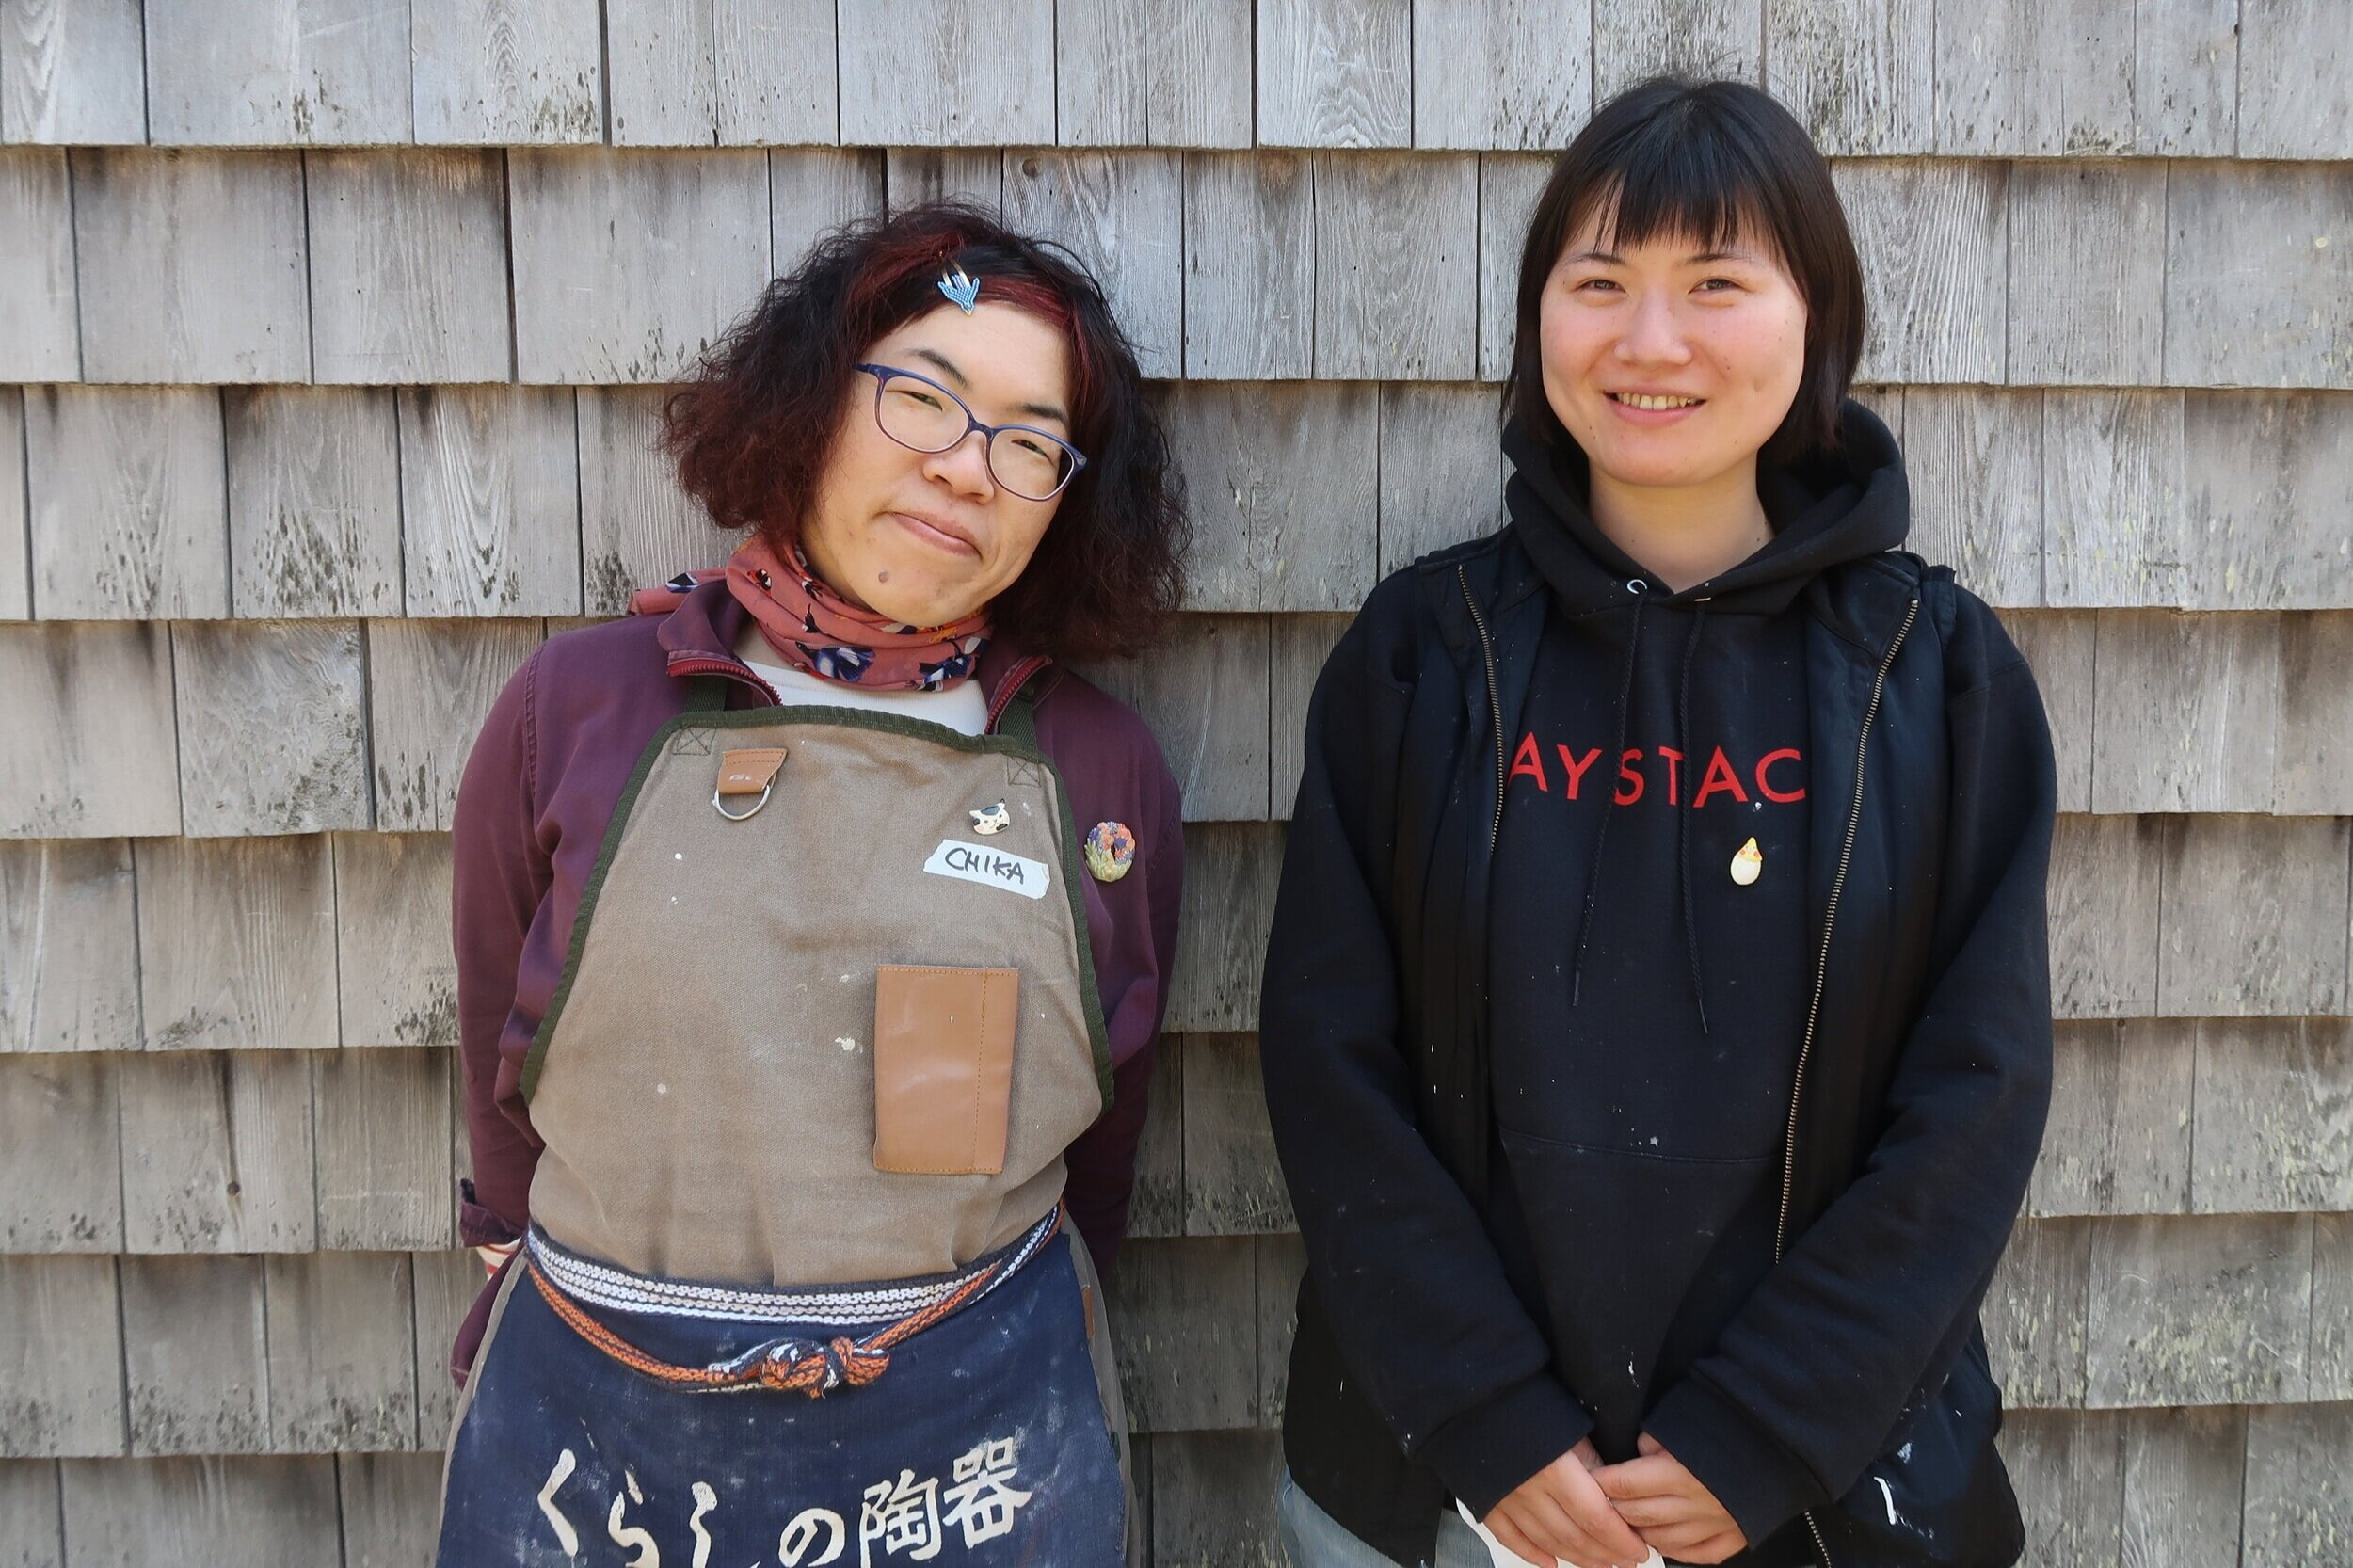 Rena Kudoh and Chika Shiraki